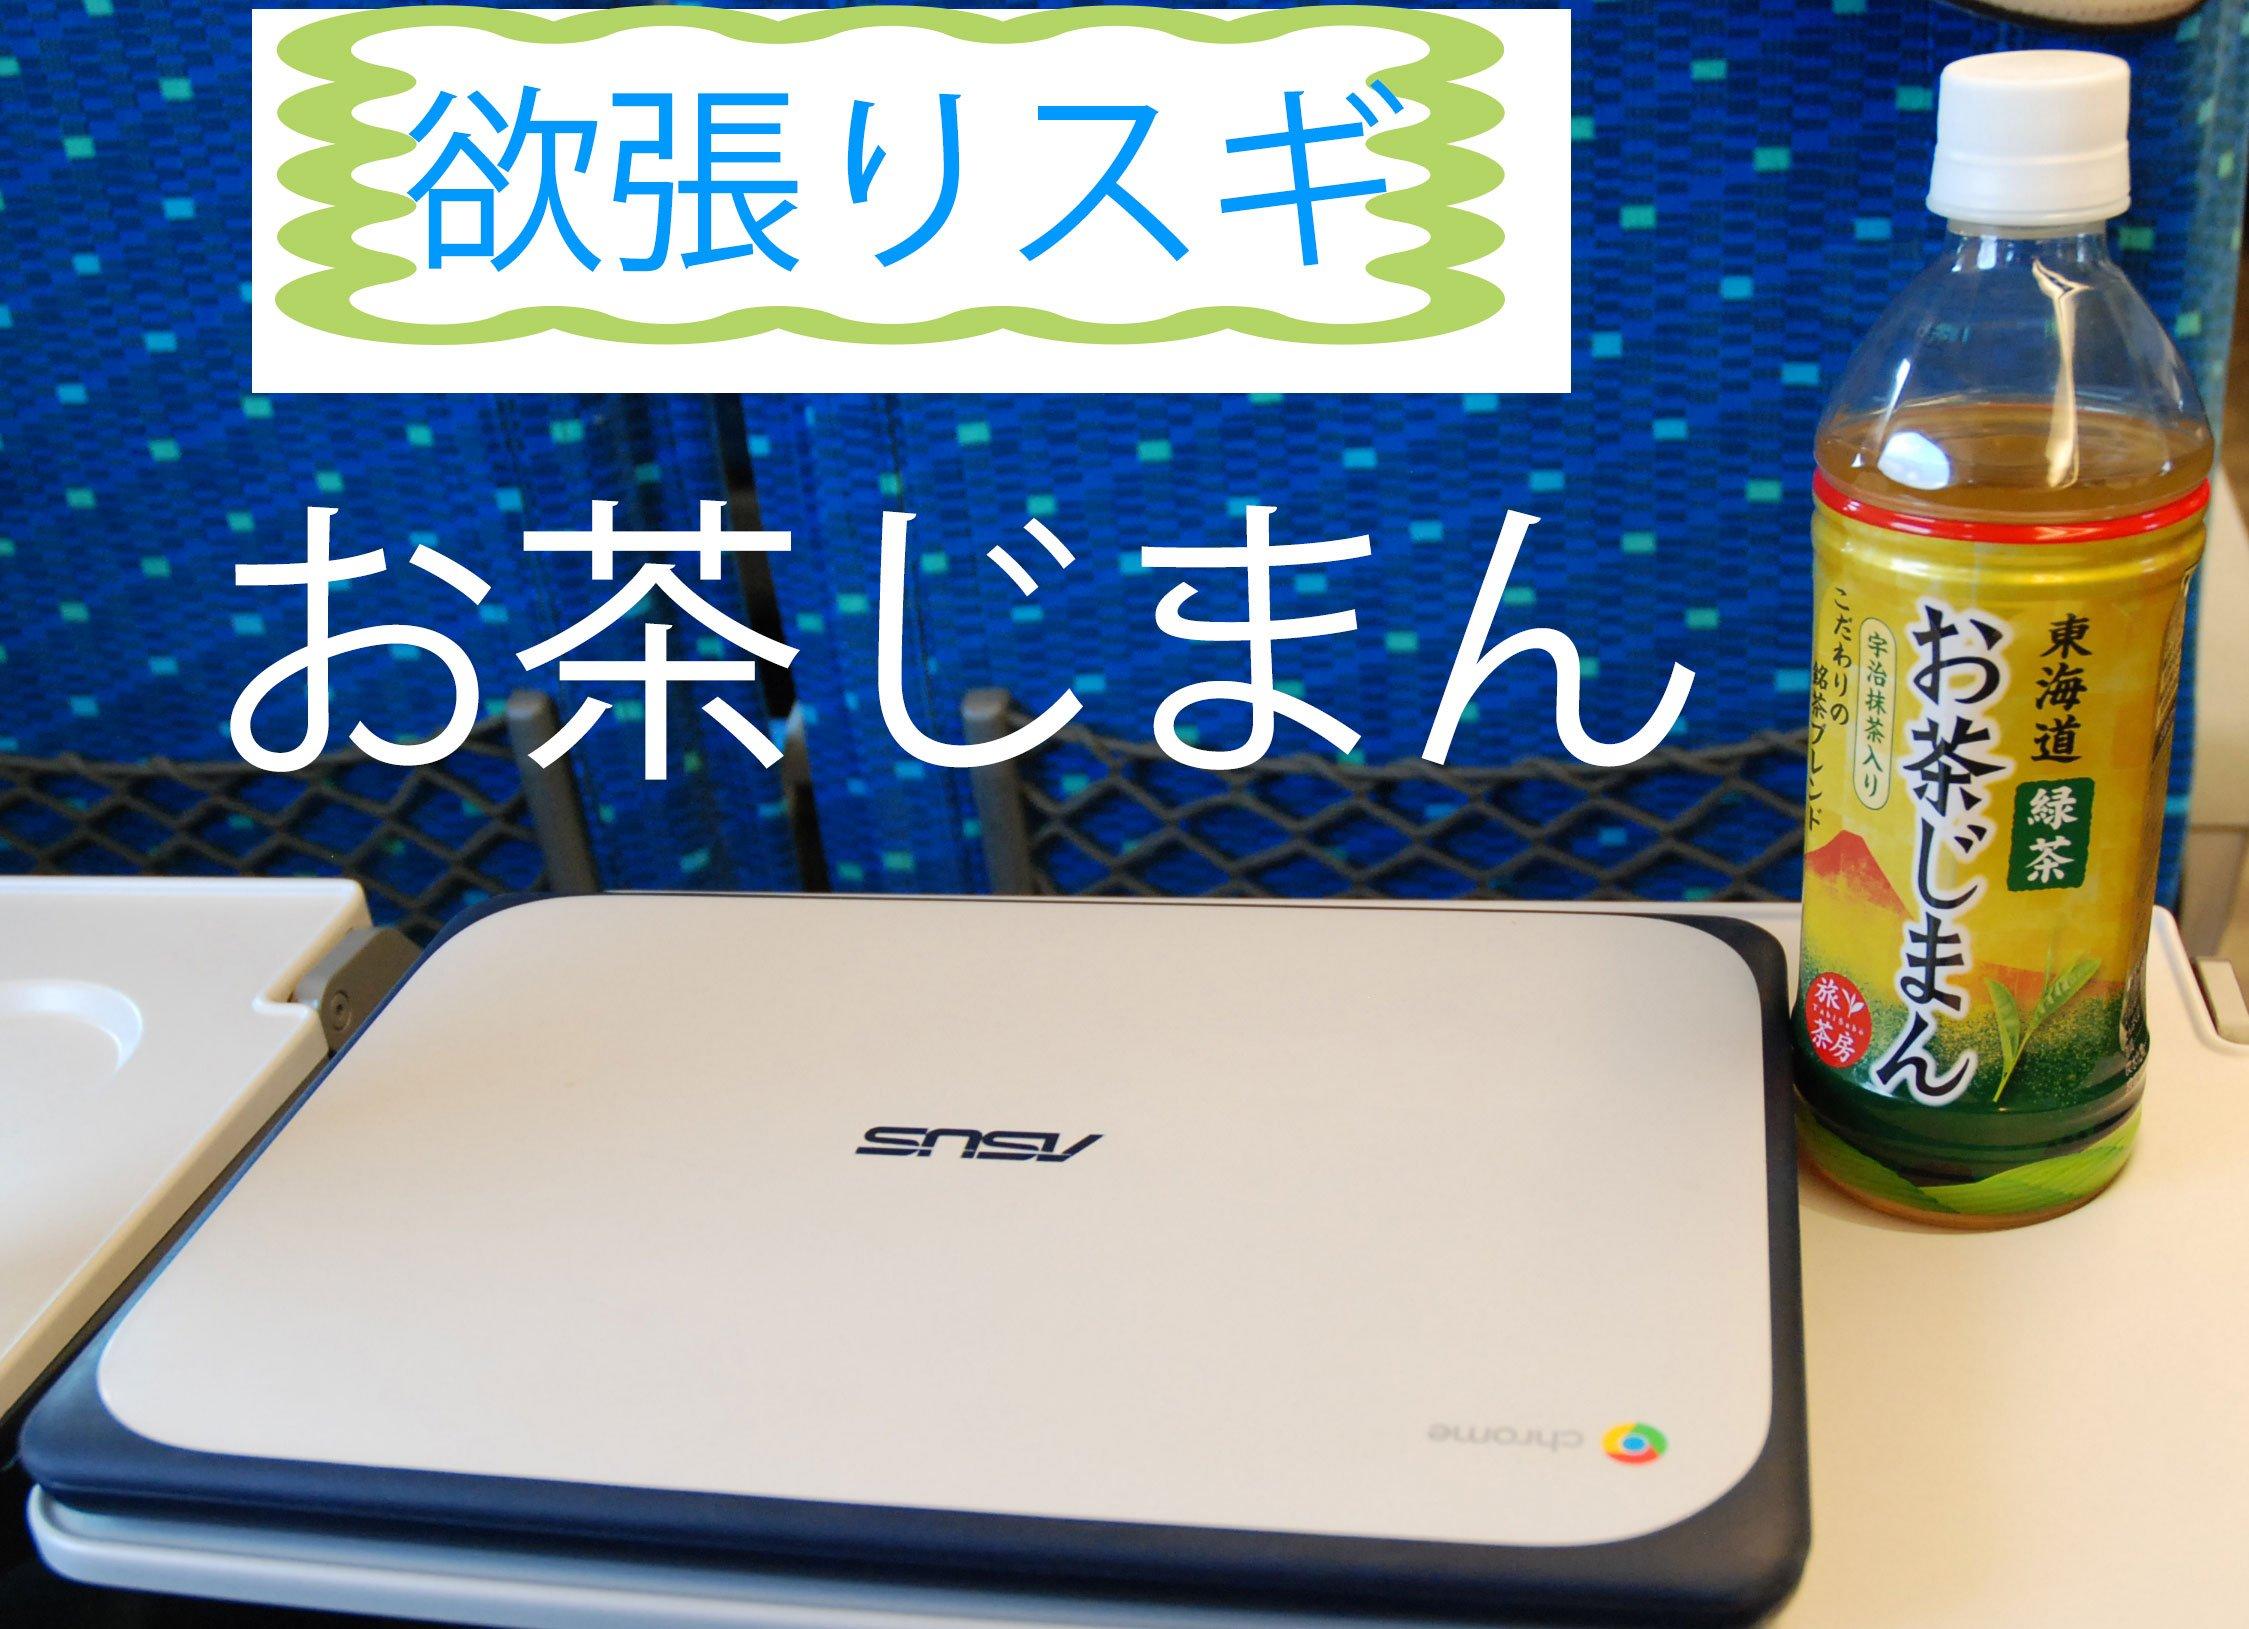 4種類の味が一度に楽しめるお茶じまん。日本茶を満喫したいならこれしかない!